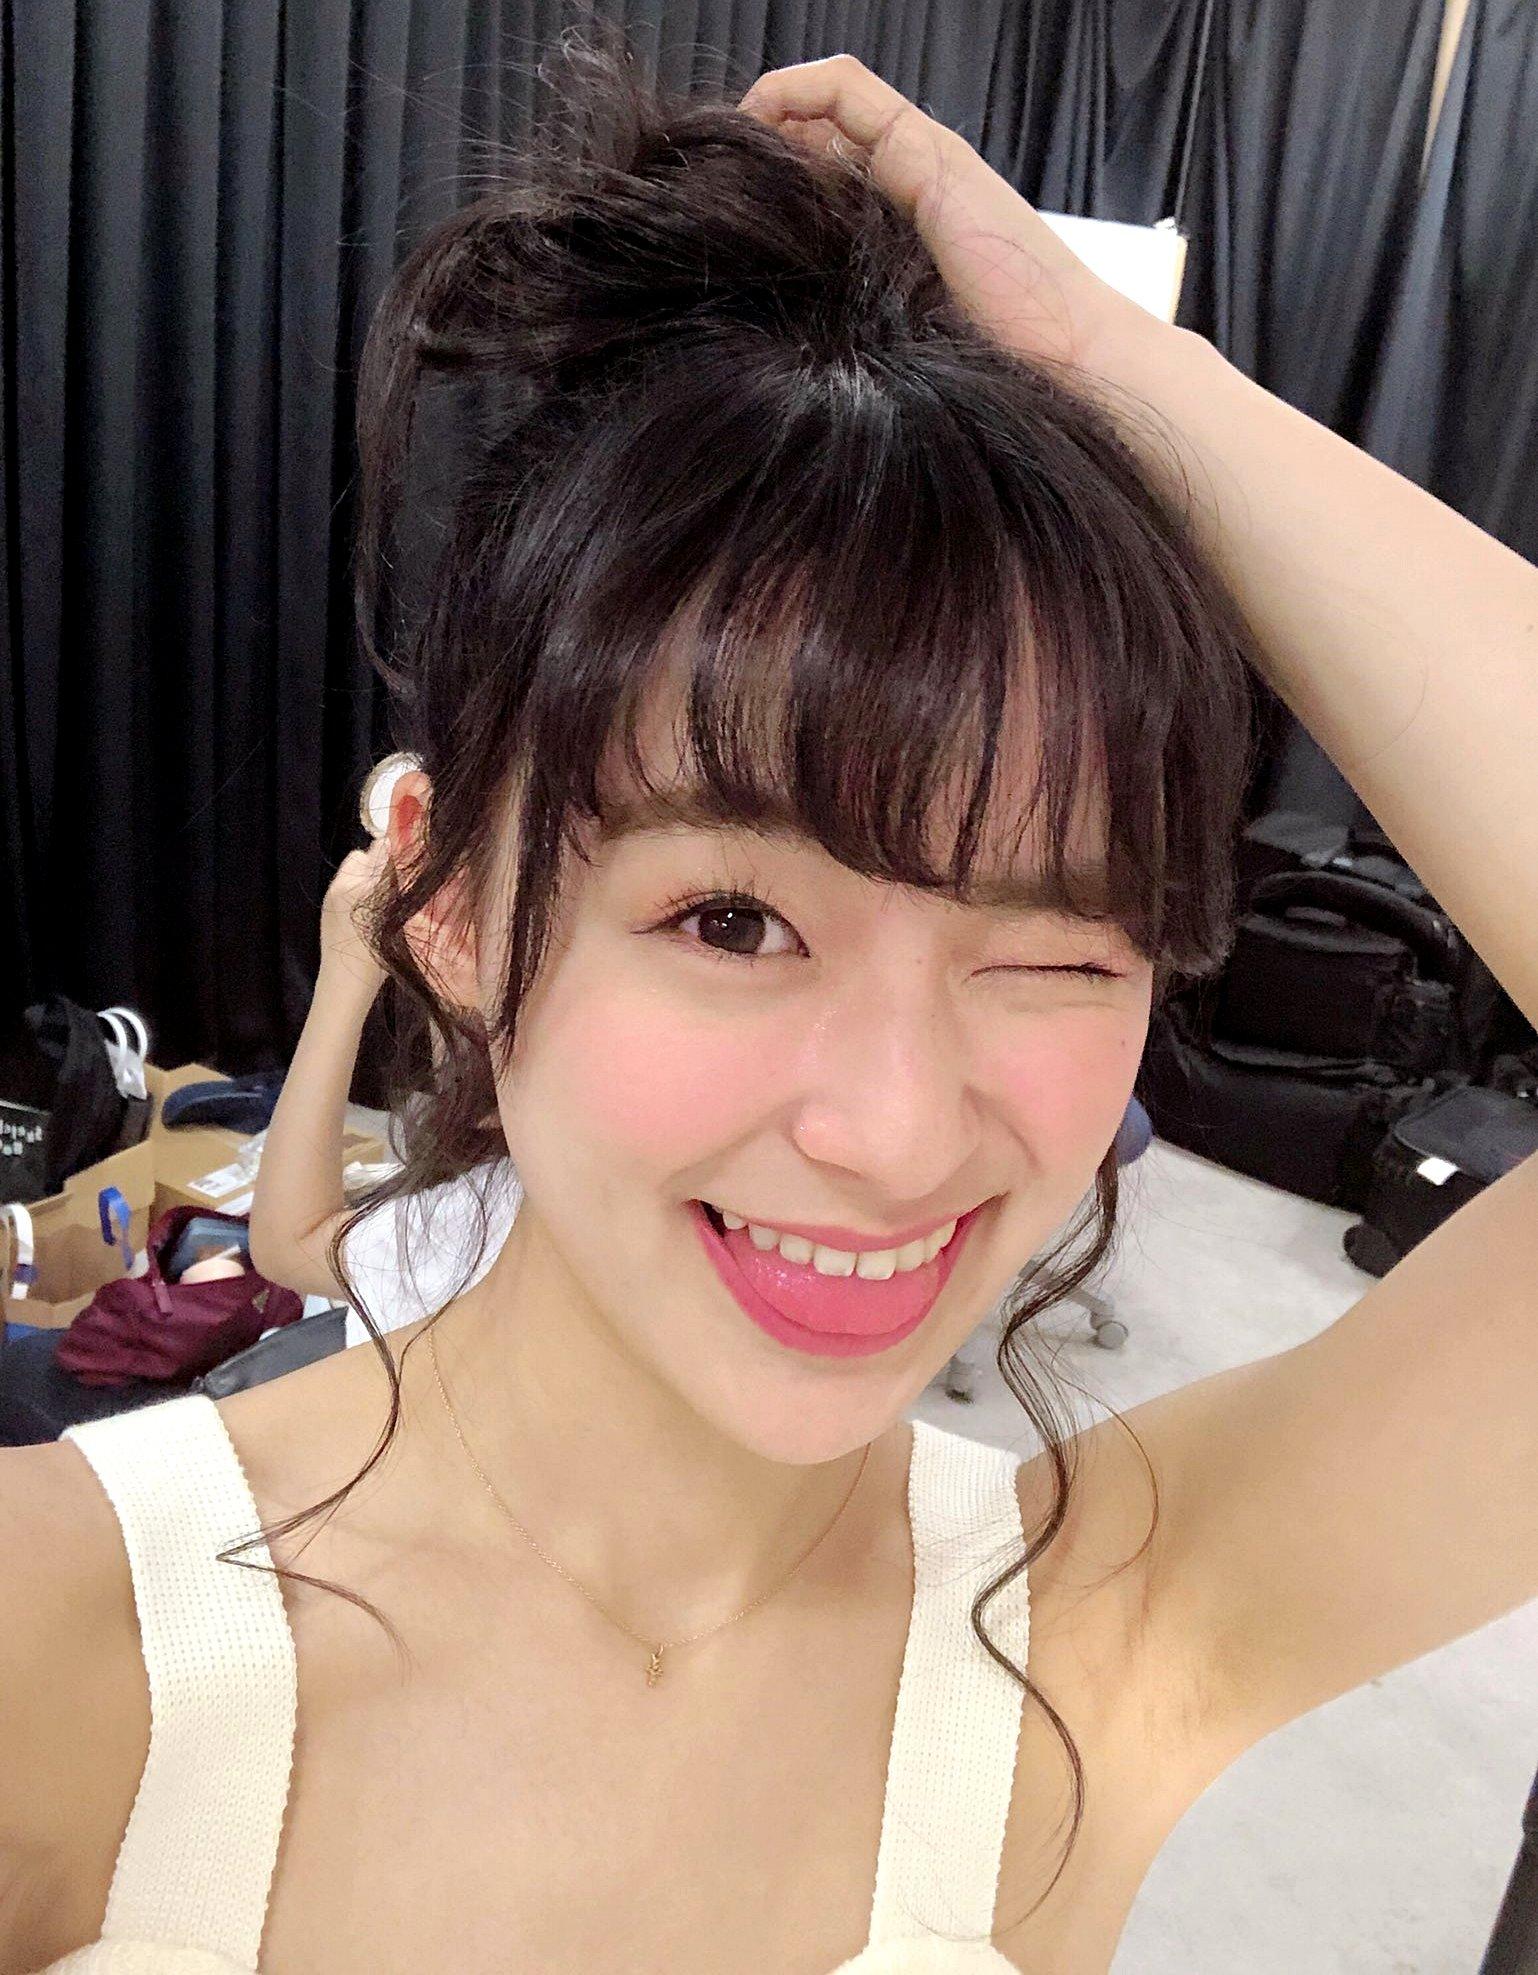 鈴木美羽のぽってり舌まとめ (24)